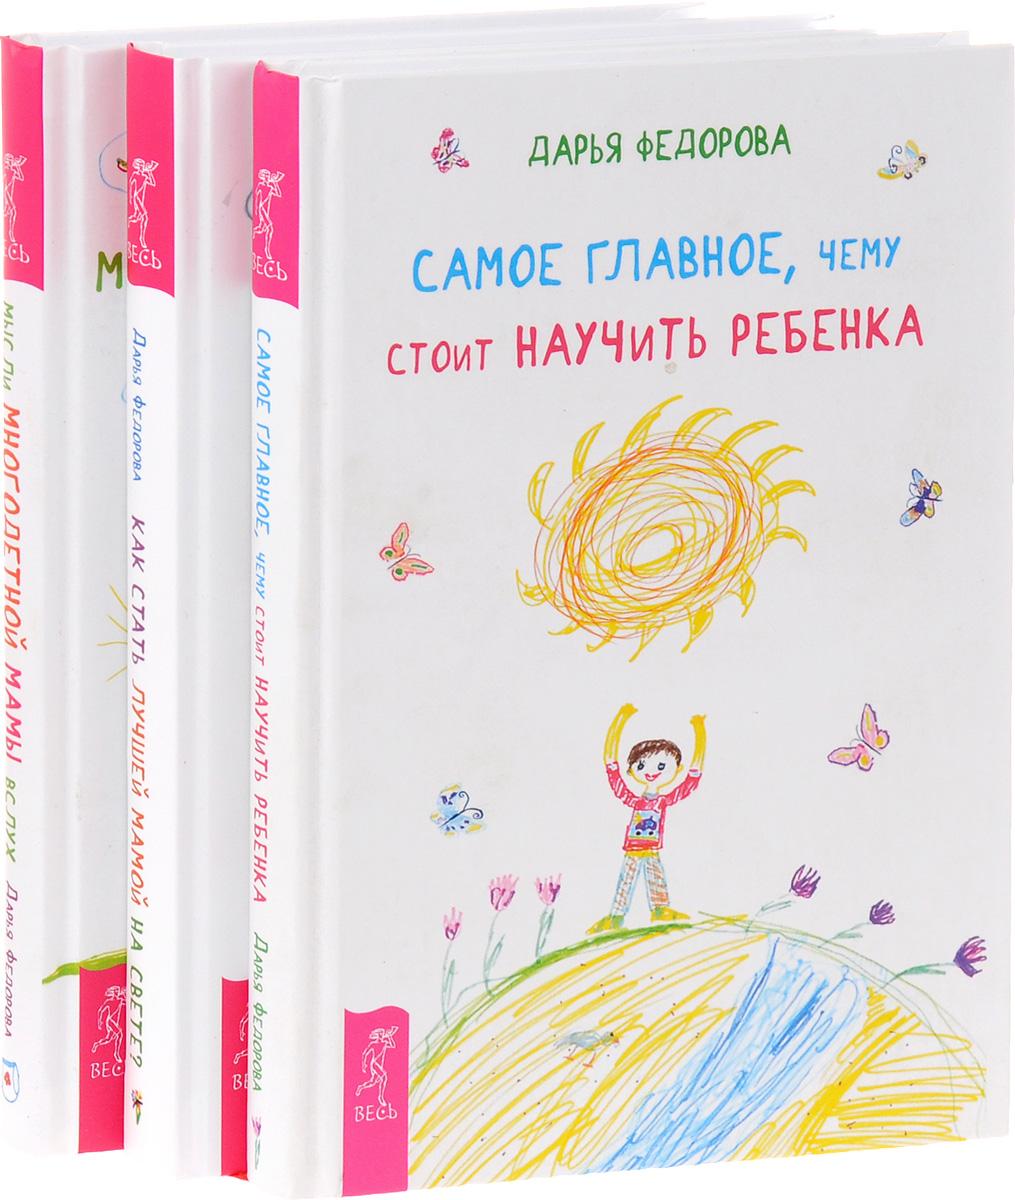 9785944307736 - Дарья Федорова: Как стать лучшей мамой на свете? Мысли многодетной мамы вслух, или Полуночные записки на подгузниках. Самое главное, чему стоит научить реб - Книга